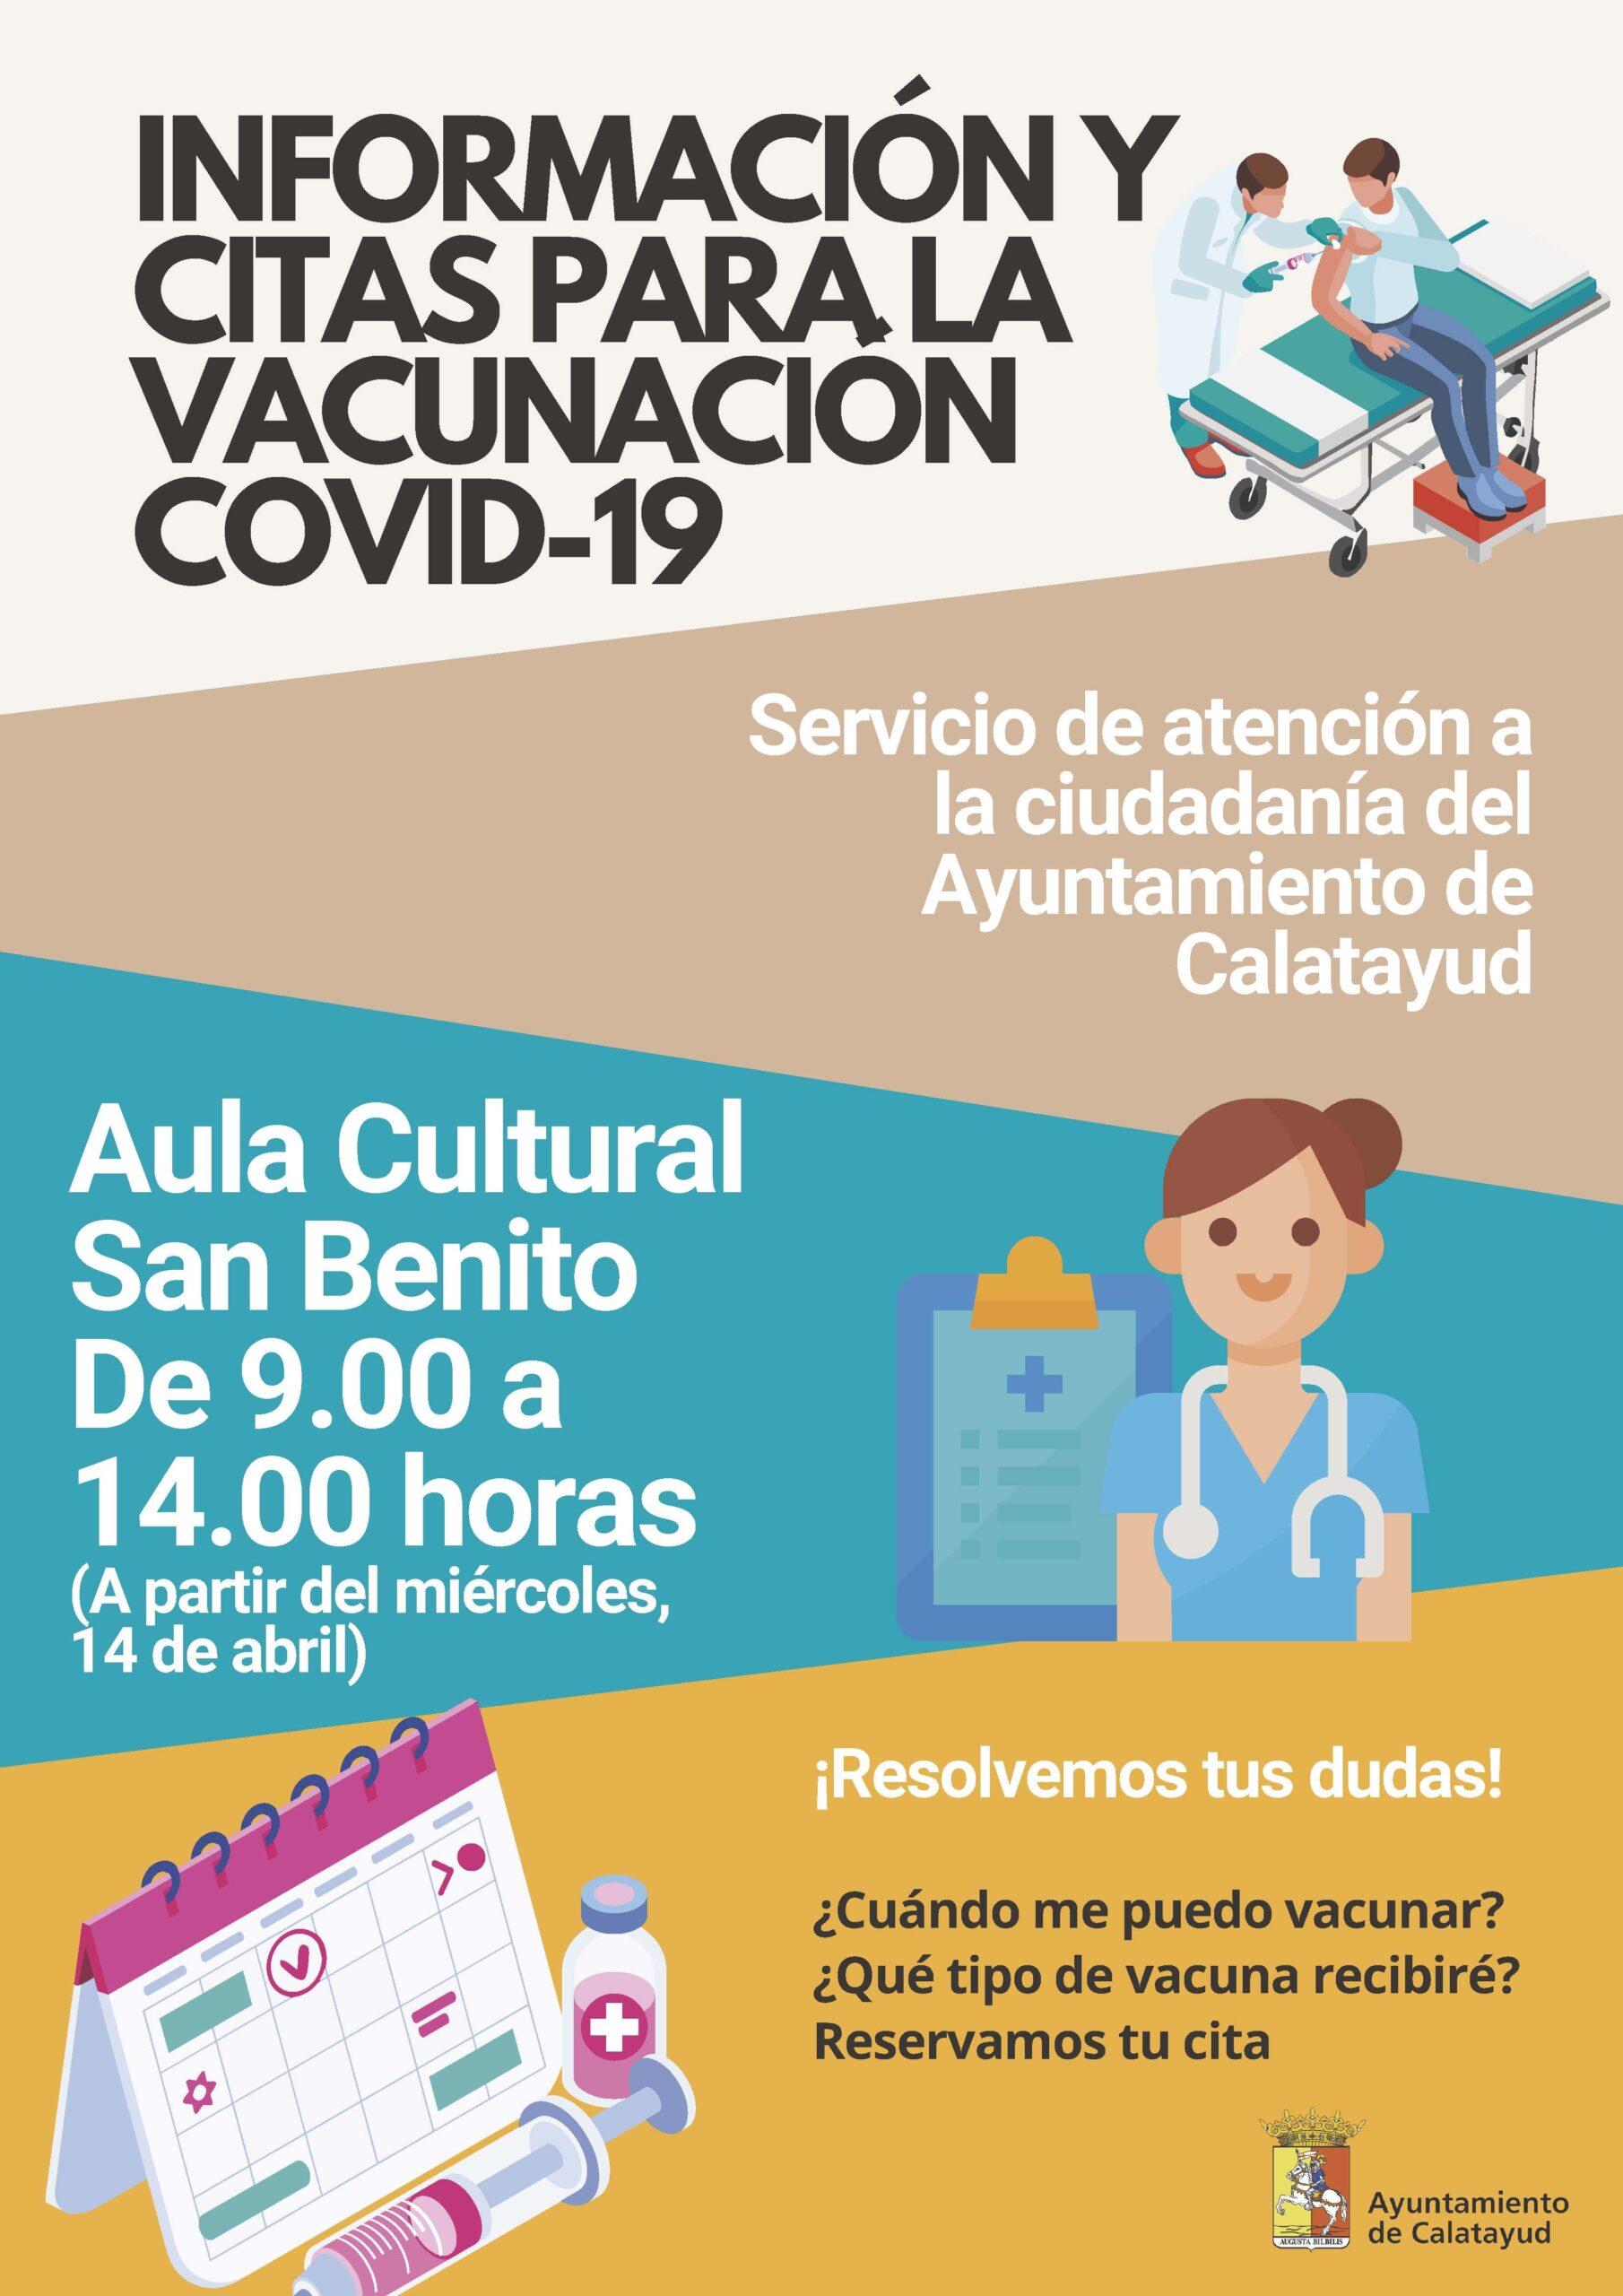 Calatayud abre desde mañana miércoles una oficina de información y cita previa para la vacunación de la COVID-19